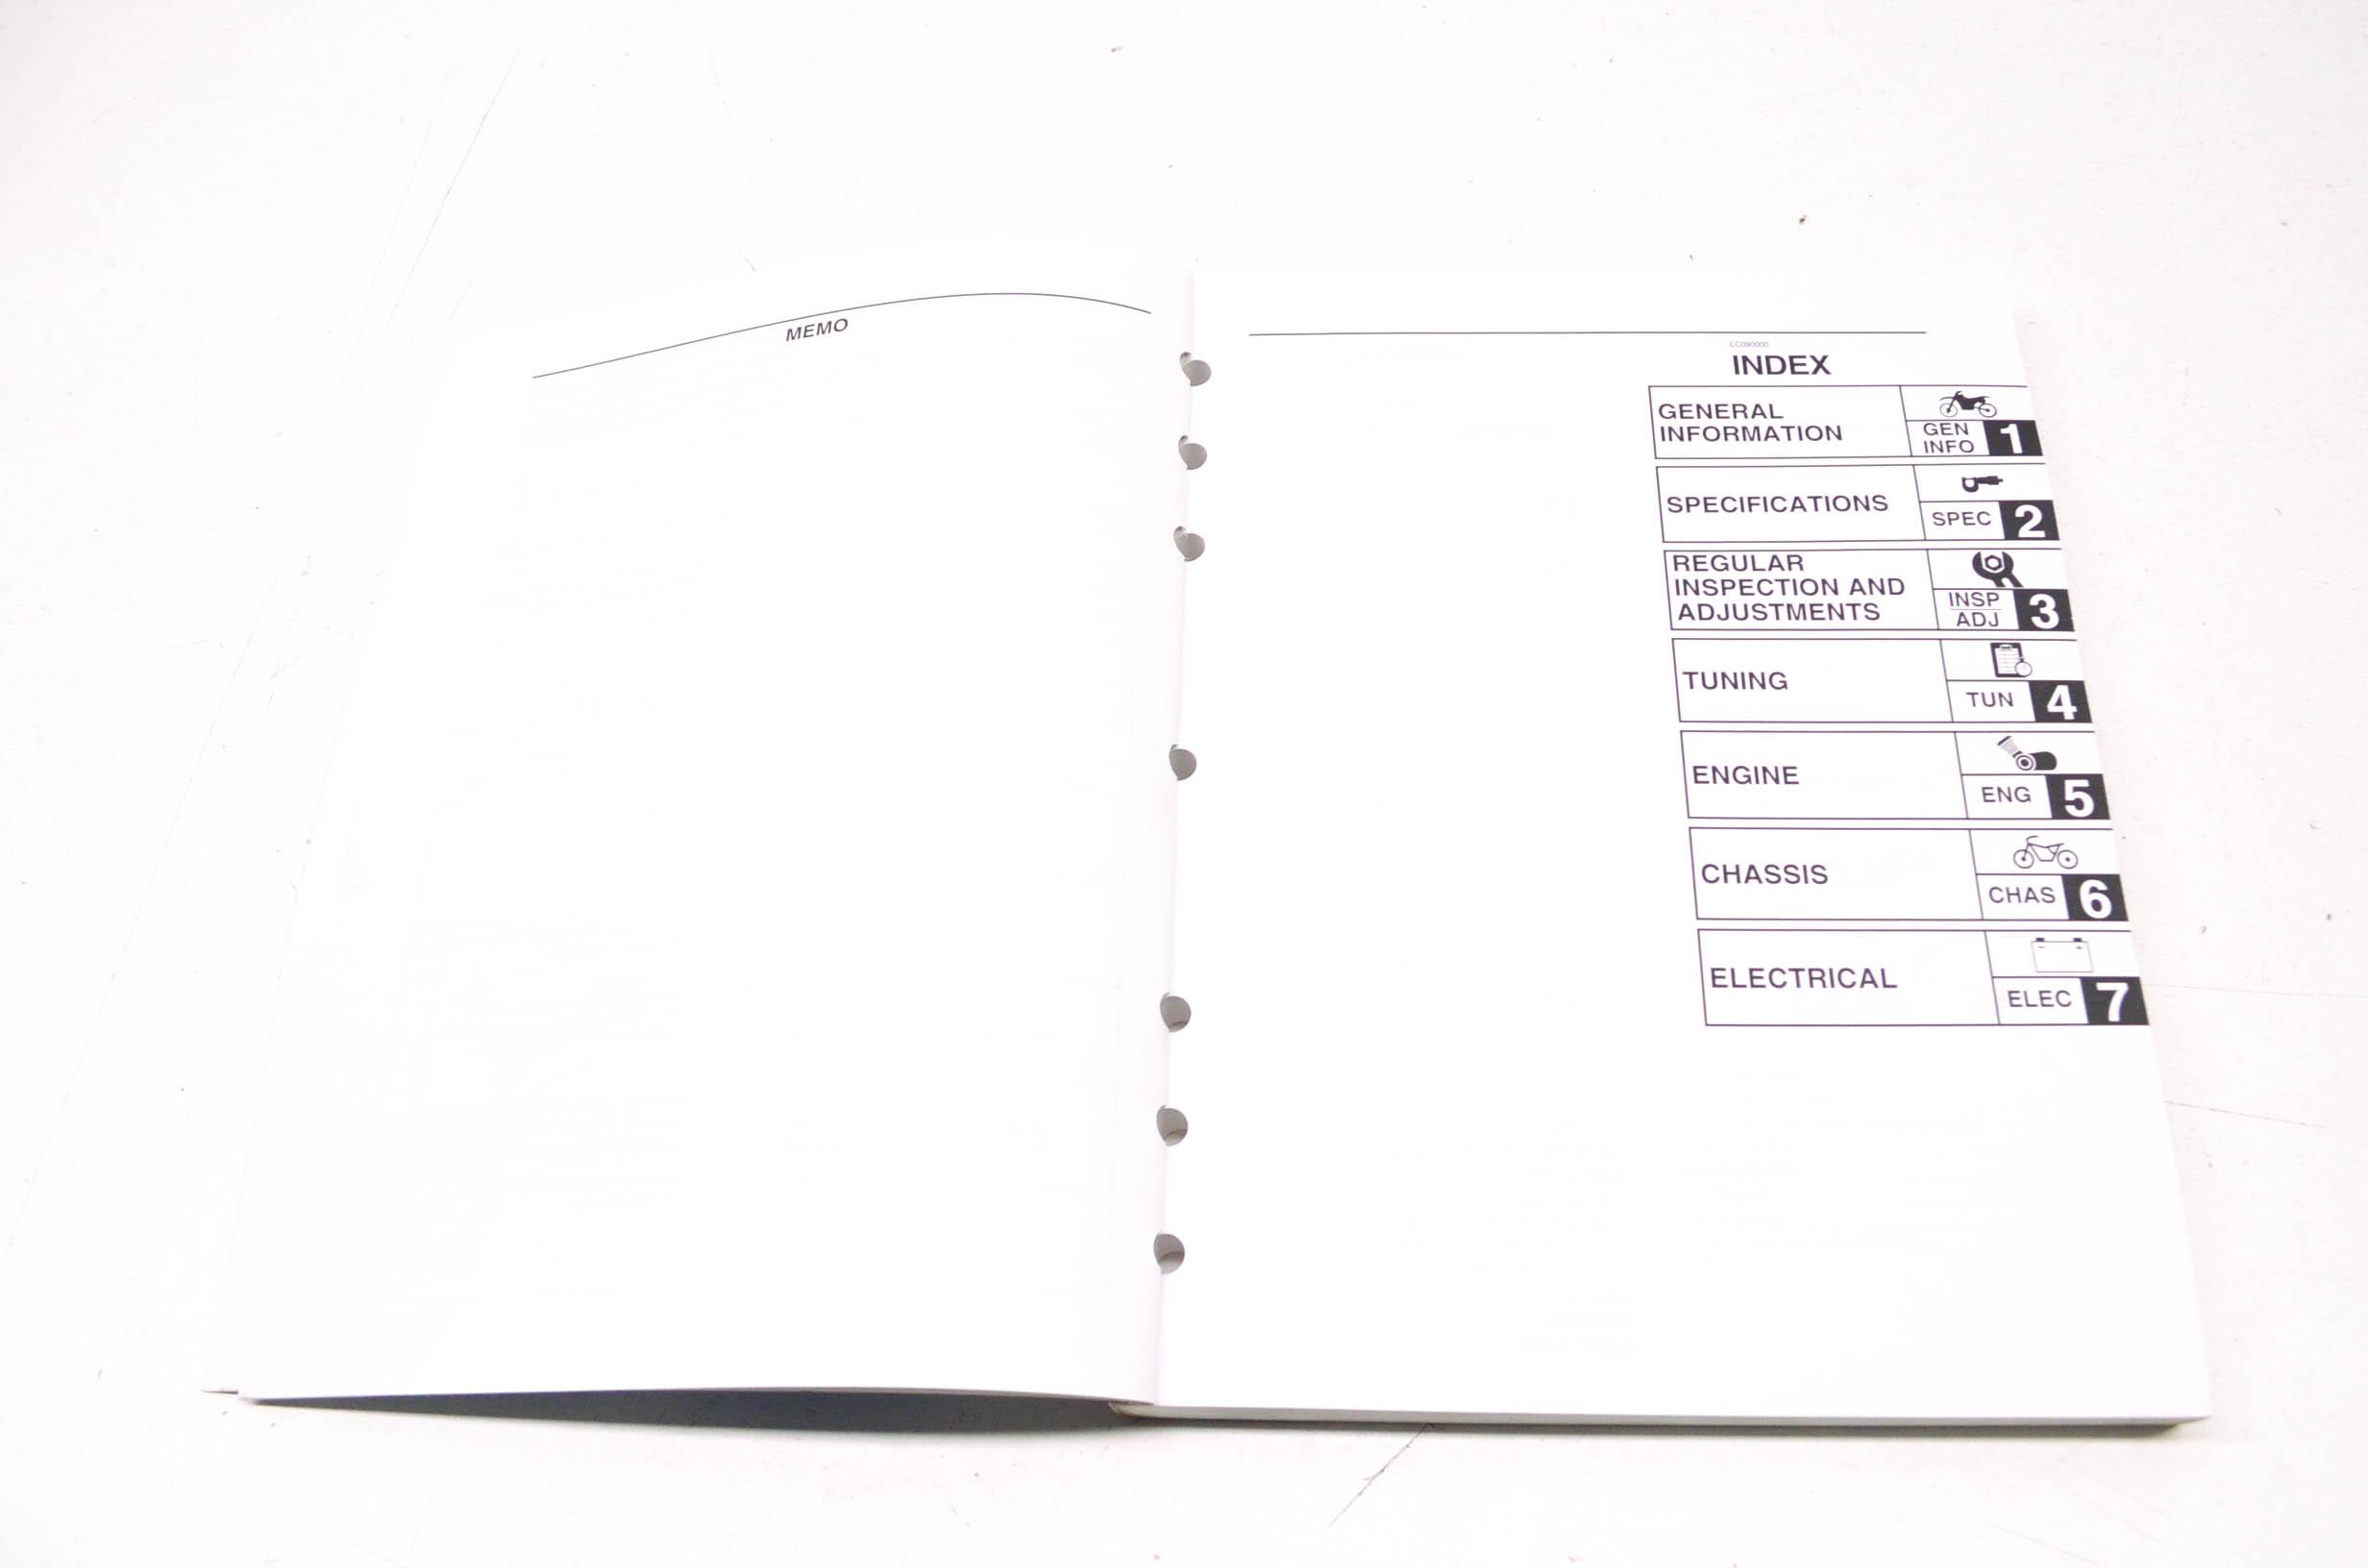 OEM Yamaha LIT-11626-18-49 WR450FT Owner's Service Manual